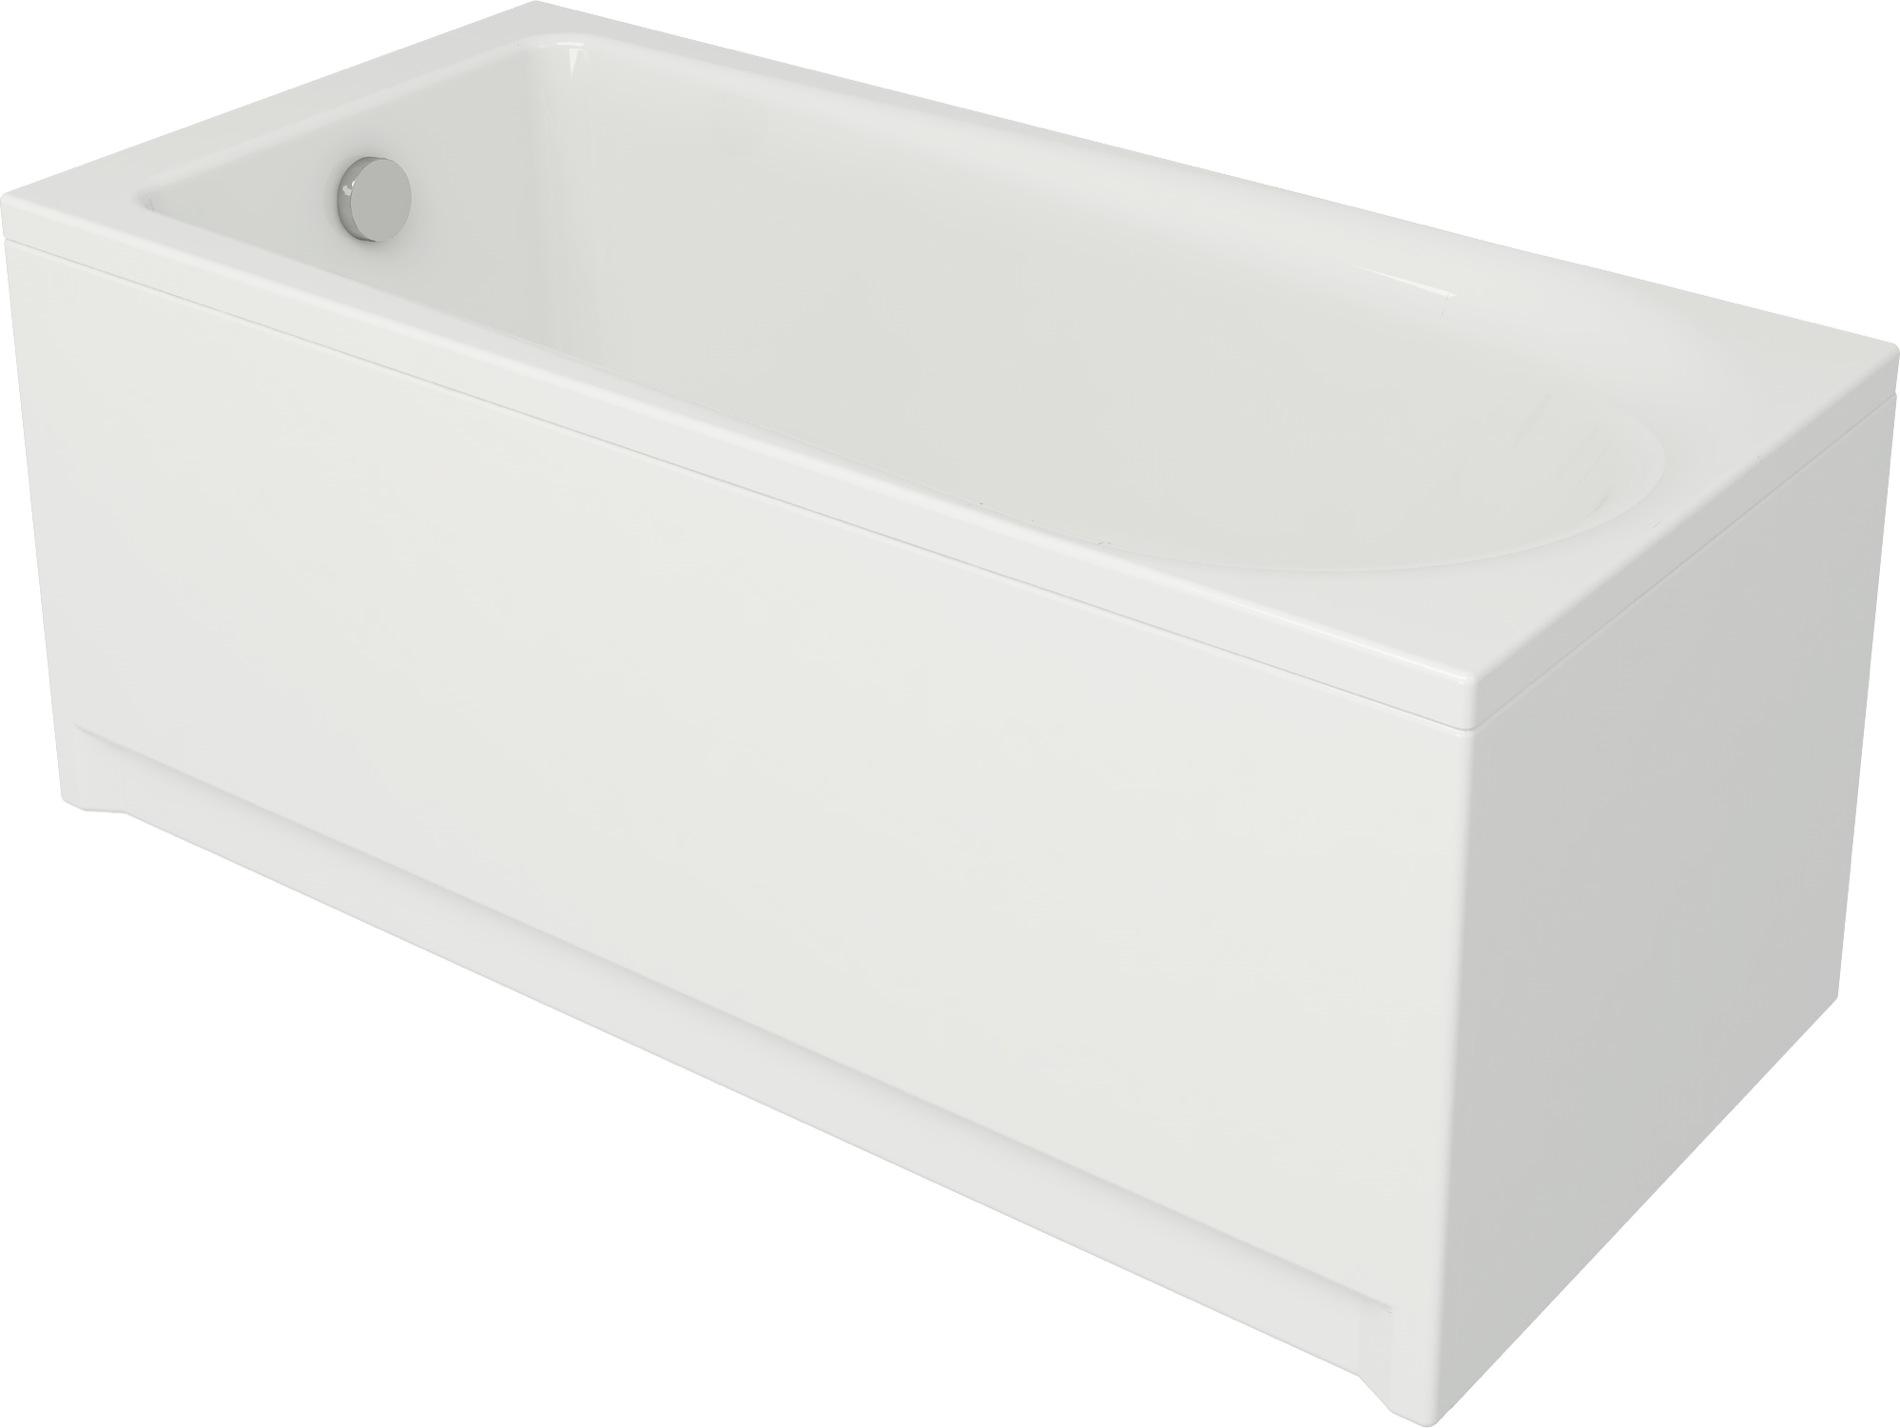 Ванна акриловая Cersanit Flavia 160 S301-106